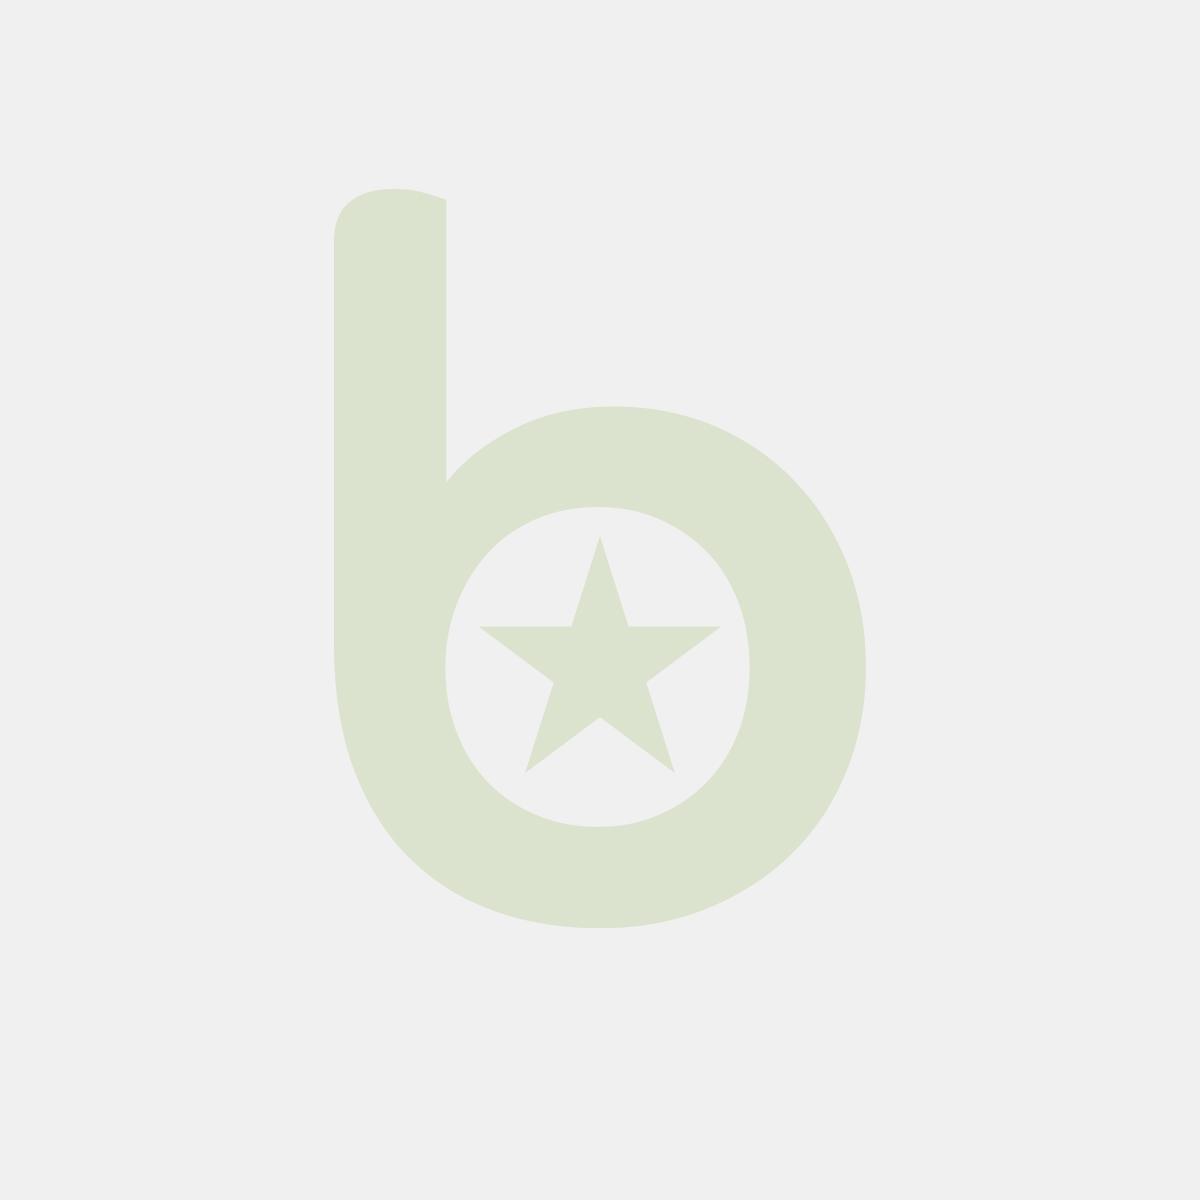 Pokrywka Do Gn Kitchen Line - Z Wycięciem Na Chochlę Gn 1/6